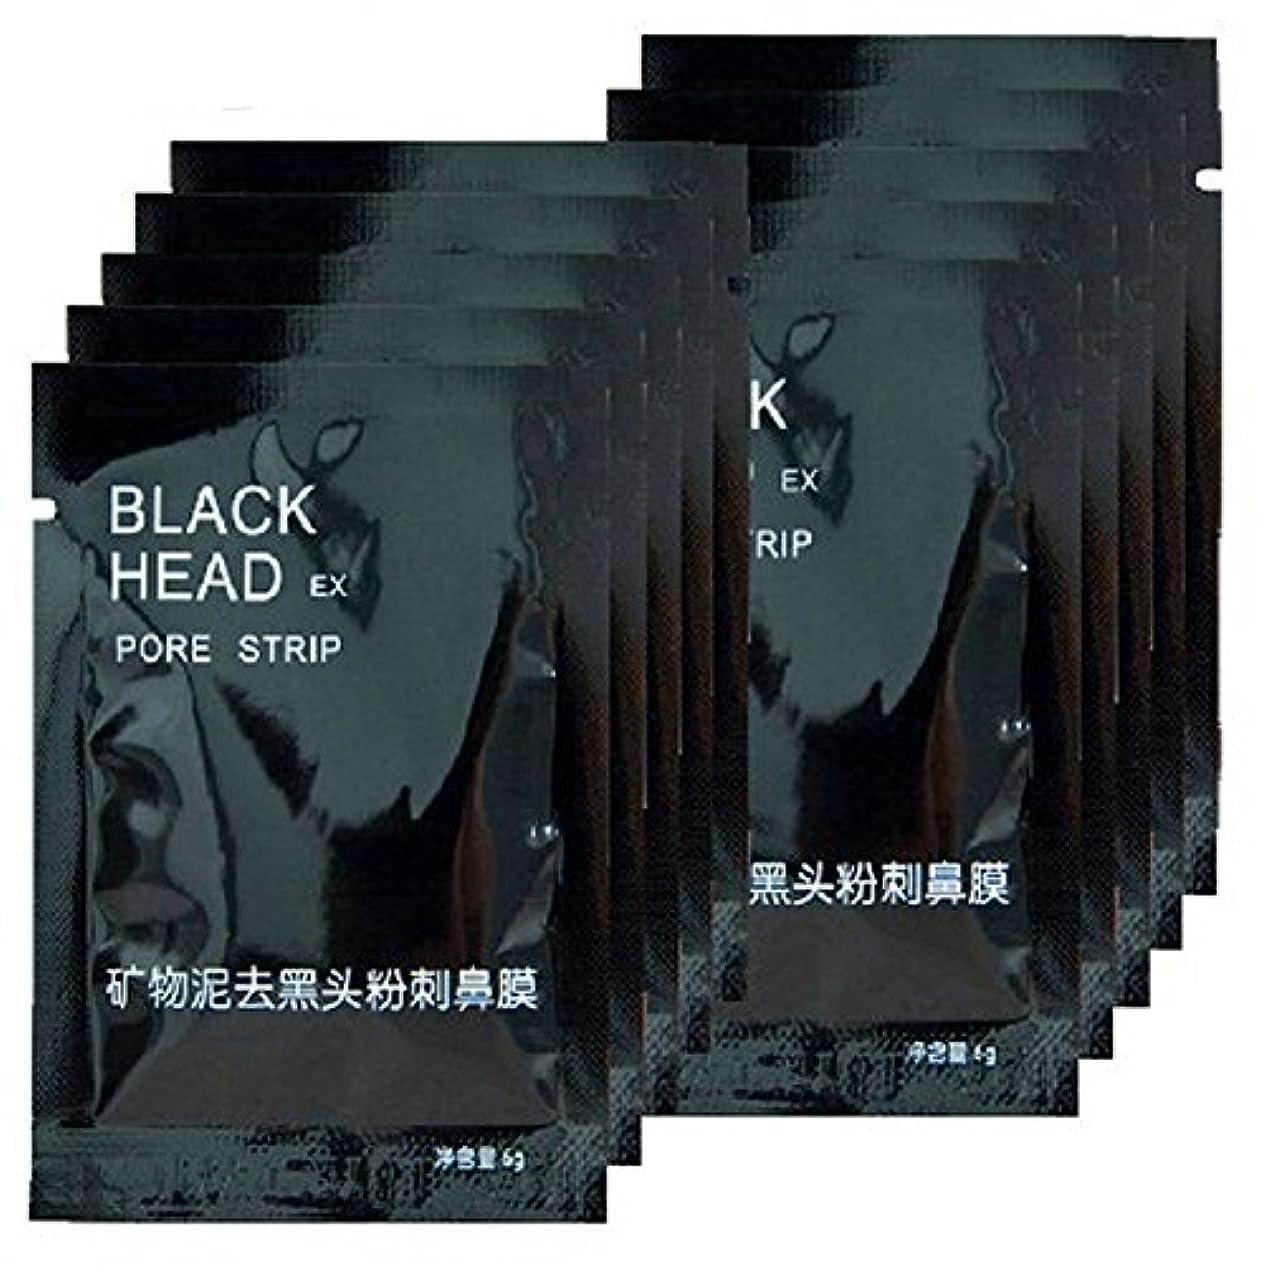 ジムアーサーコナンドイル競争力のある鼻のにきびの除去剤のマスクによって活動化させる木炭は鼻の深いクリーニングの毛穴にきびのための黒いマスクをはがします